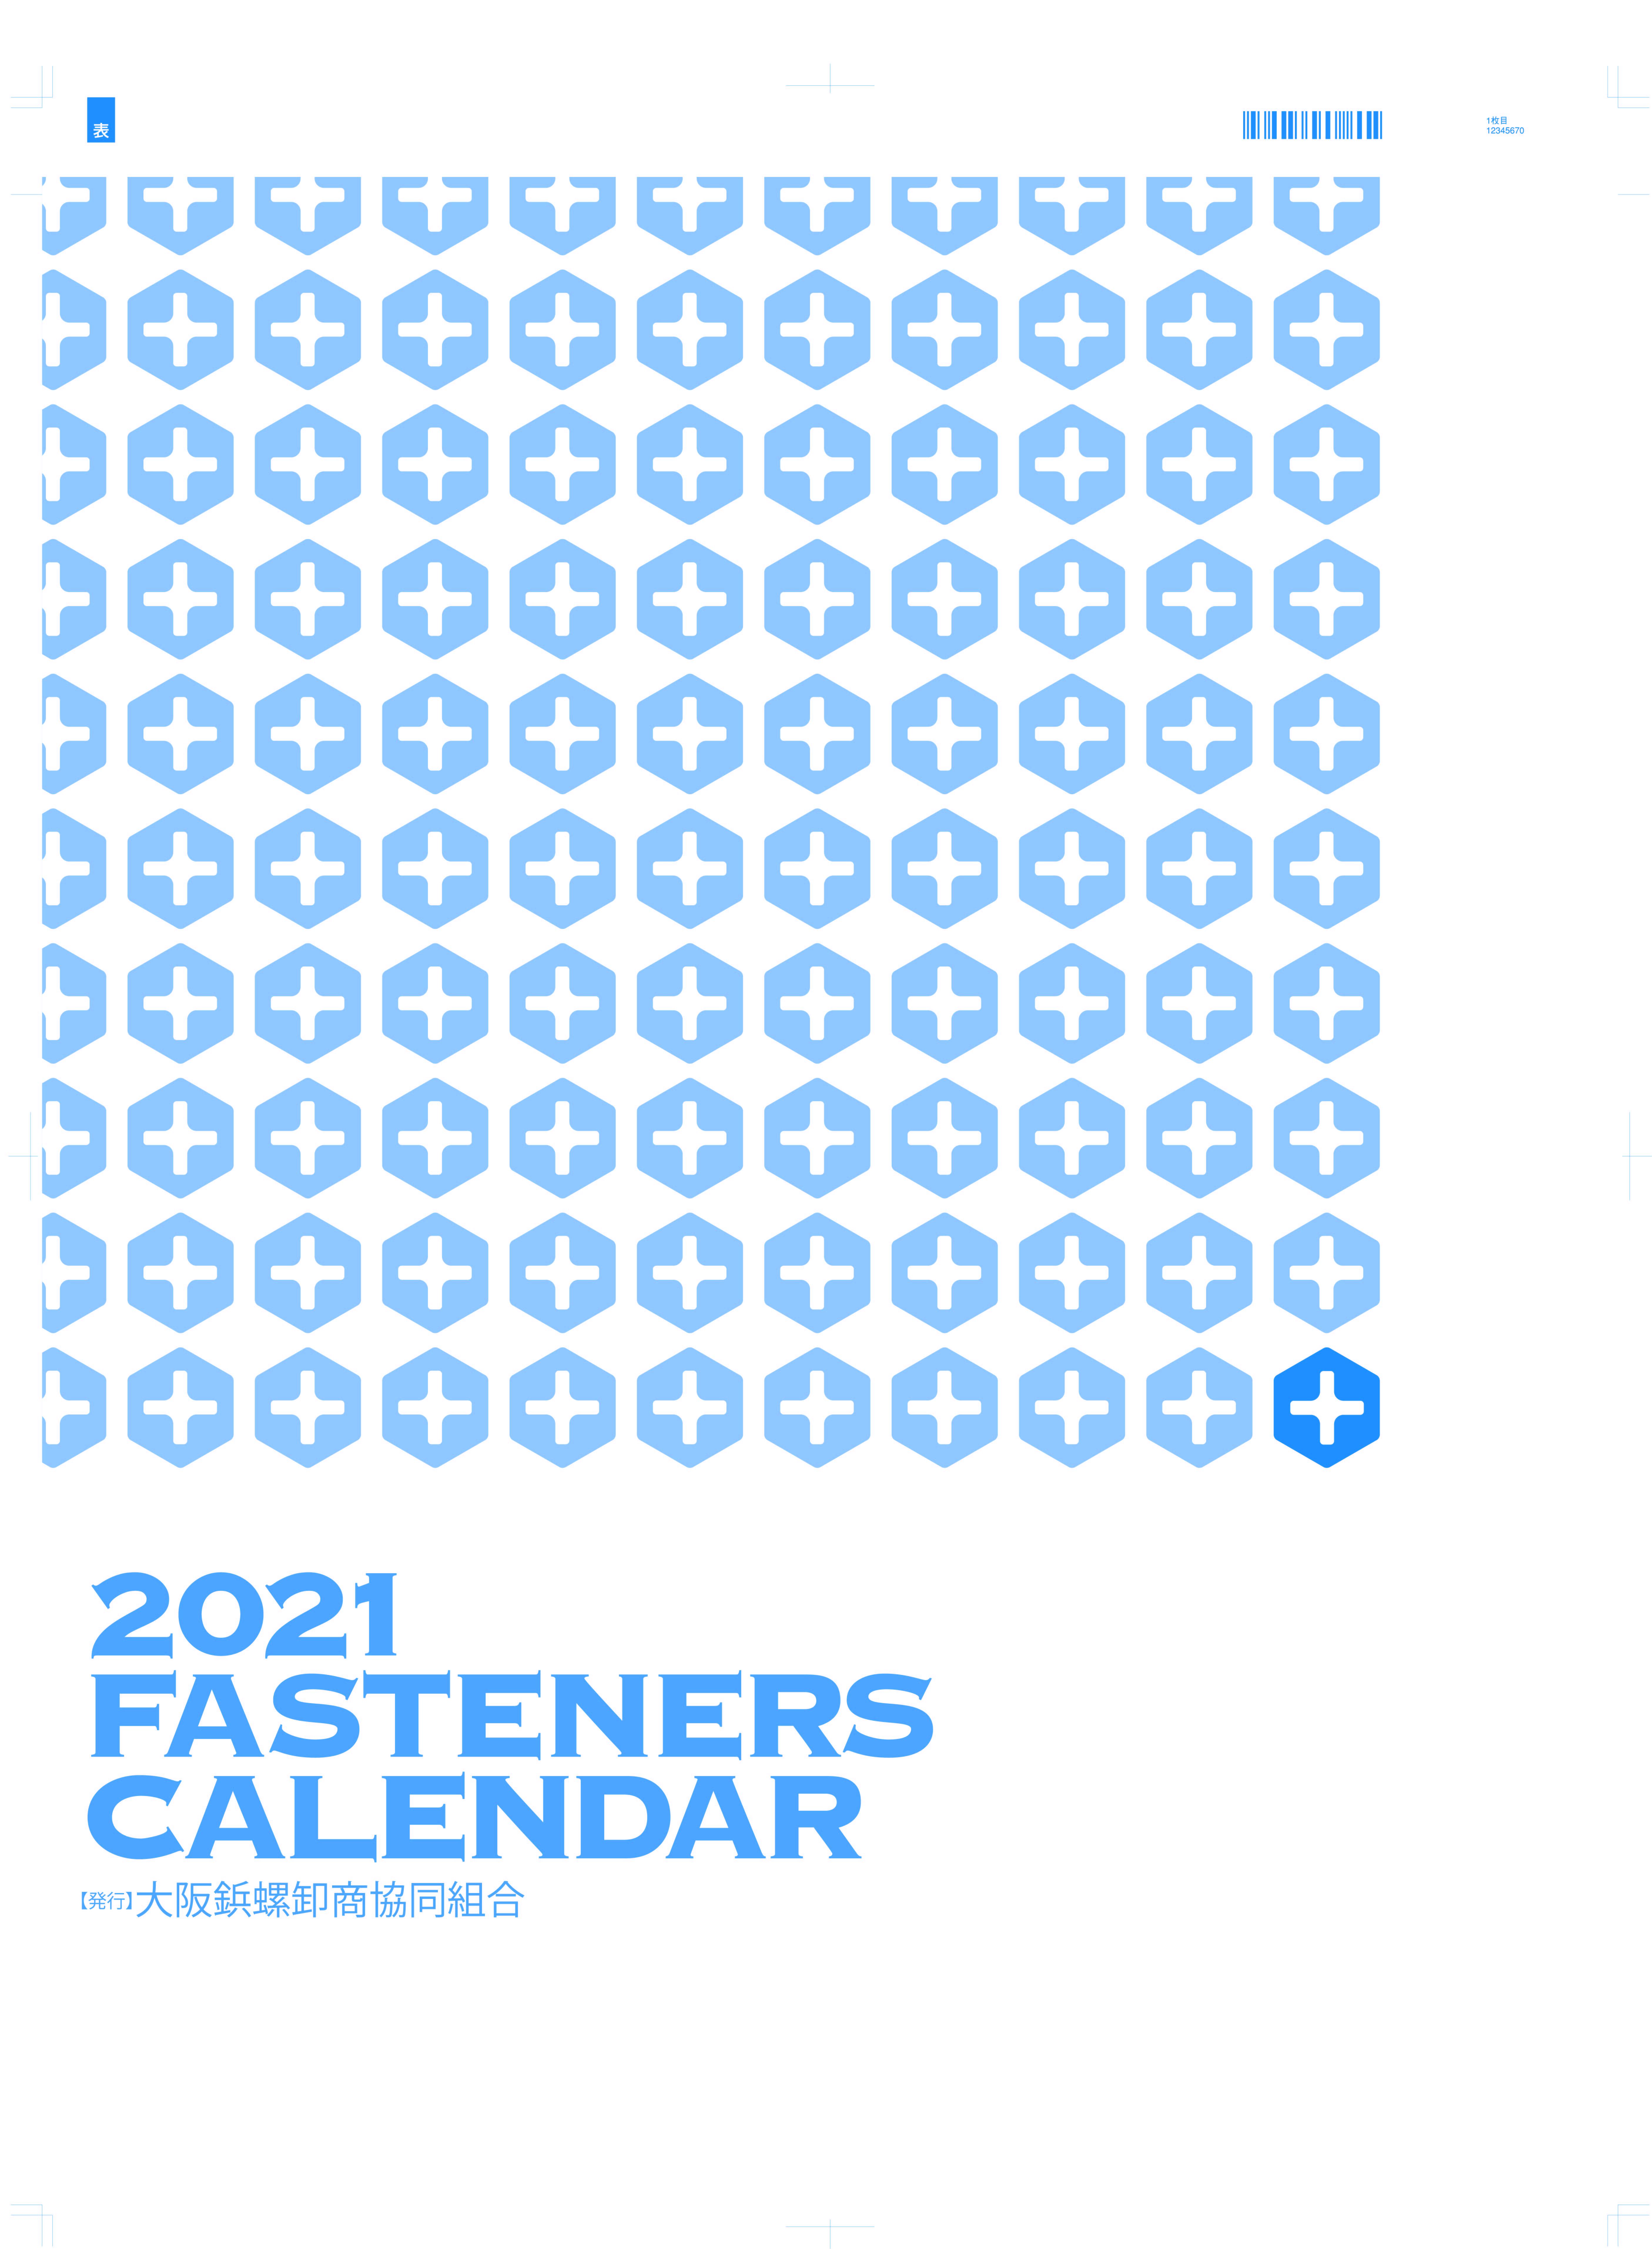 2021年ファスナーカレンダー 表紙.jpg